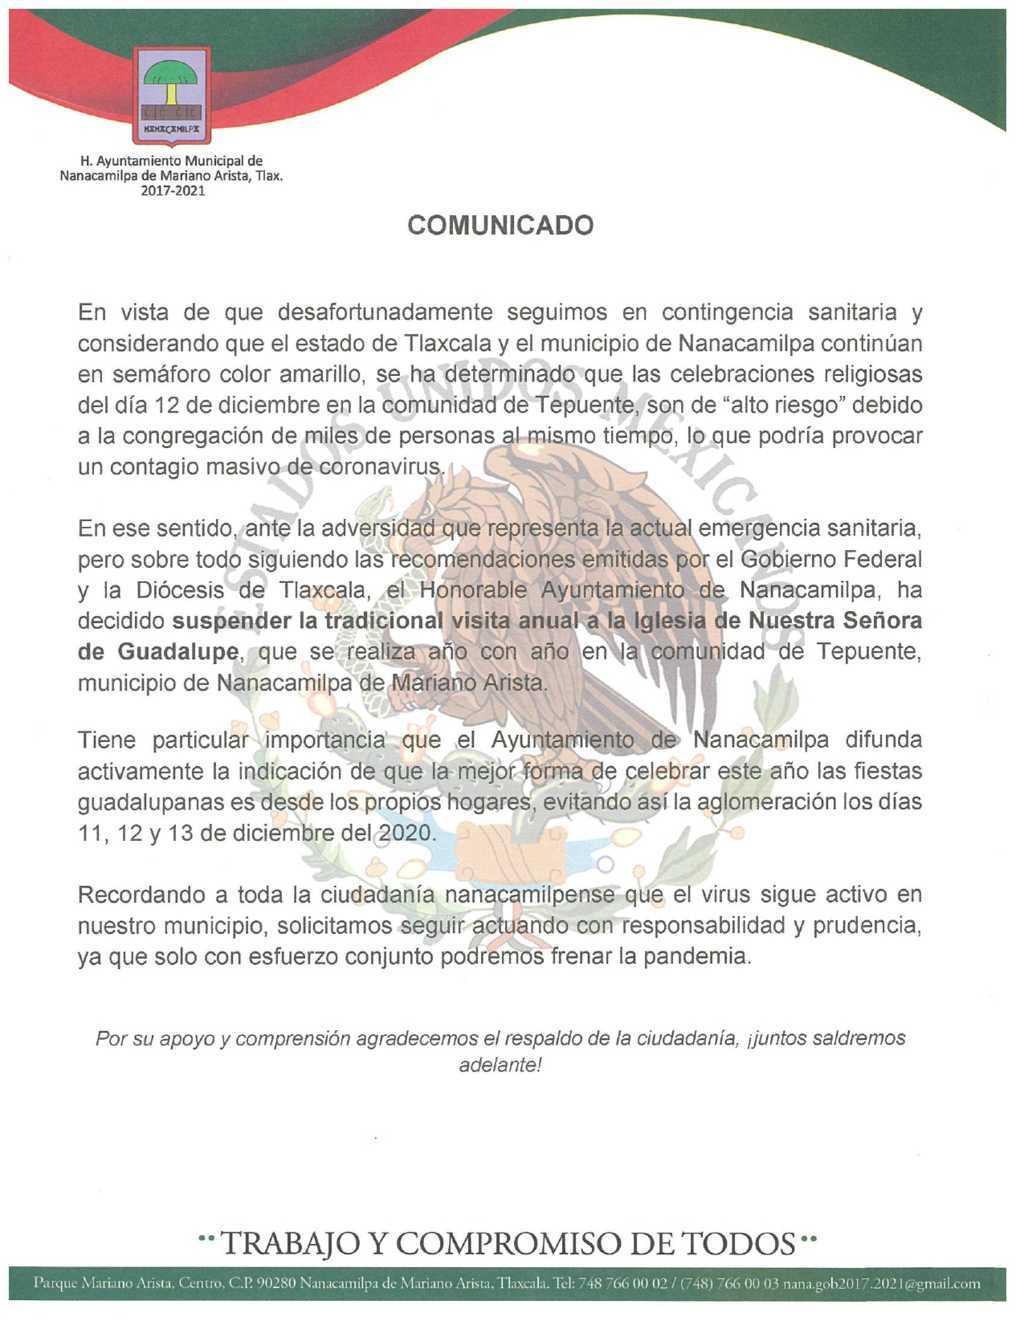 Suspenden visitas a la Iglesia de la Virgen de Guadalupe en Tepuente, Nanacamilpa